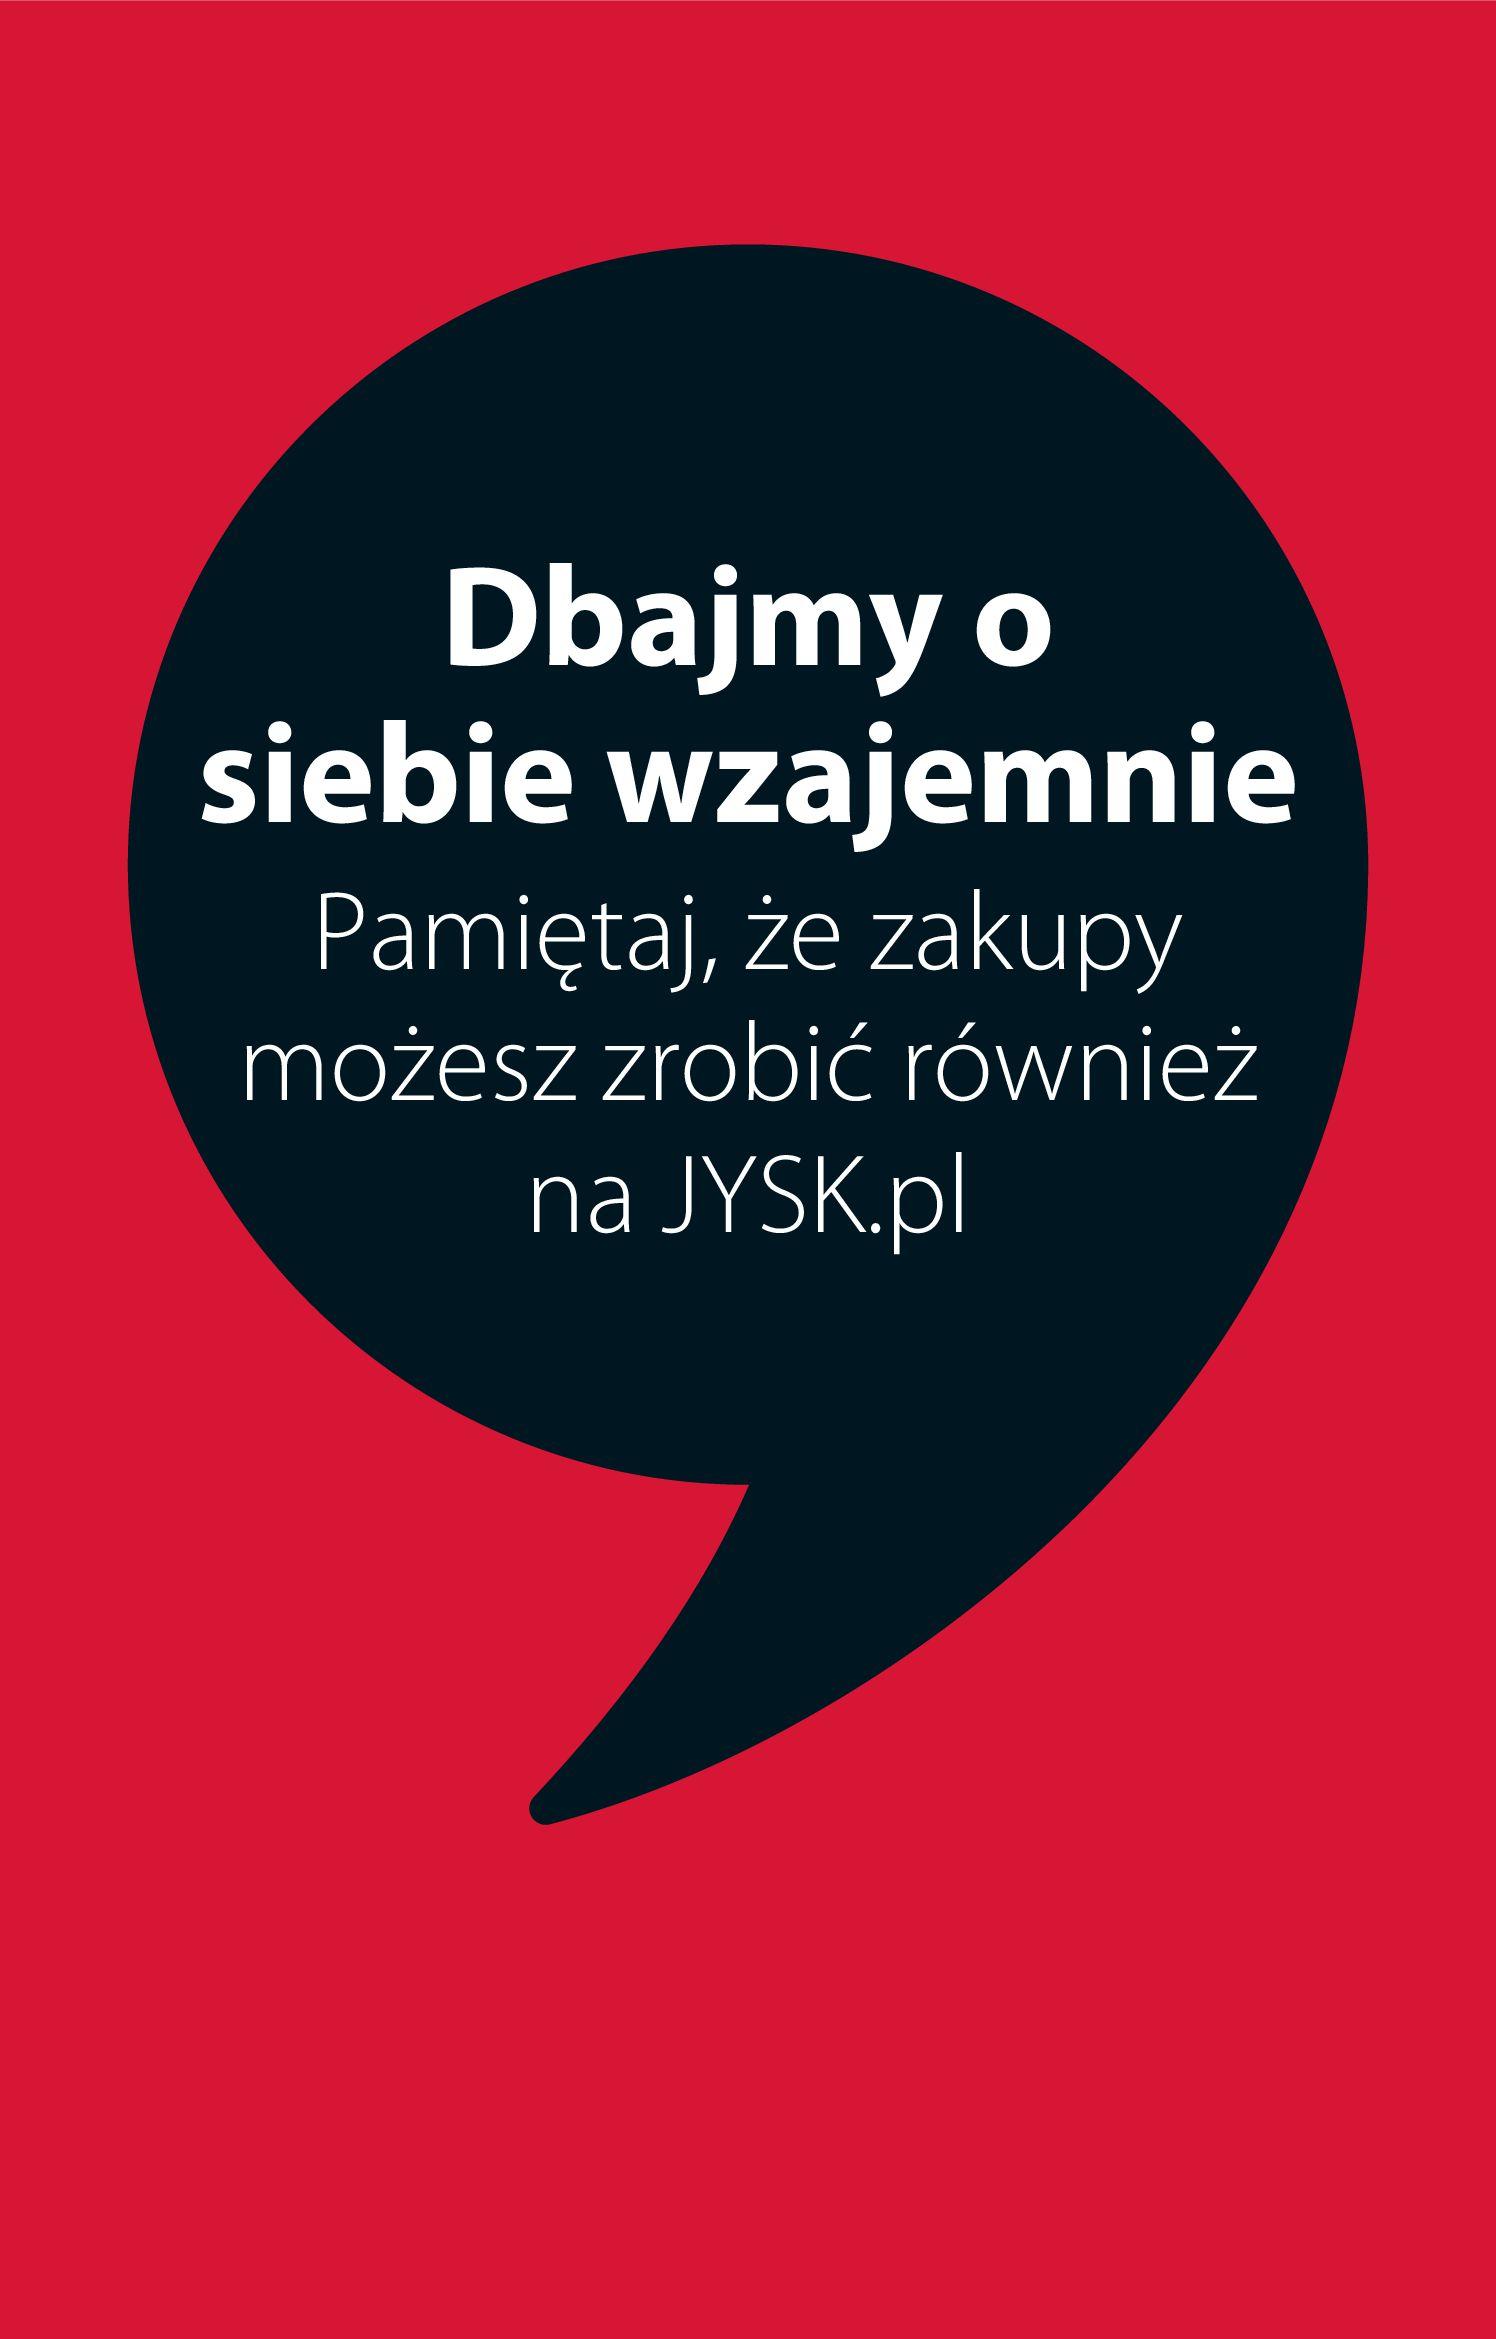 Jysk:  Gazetka Jysk 15.06.2021